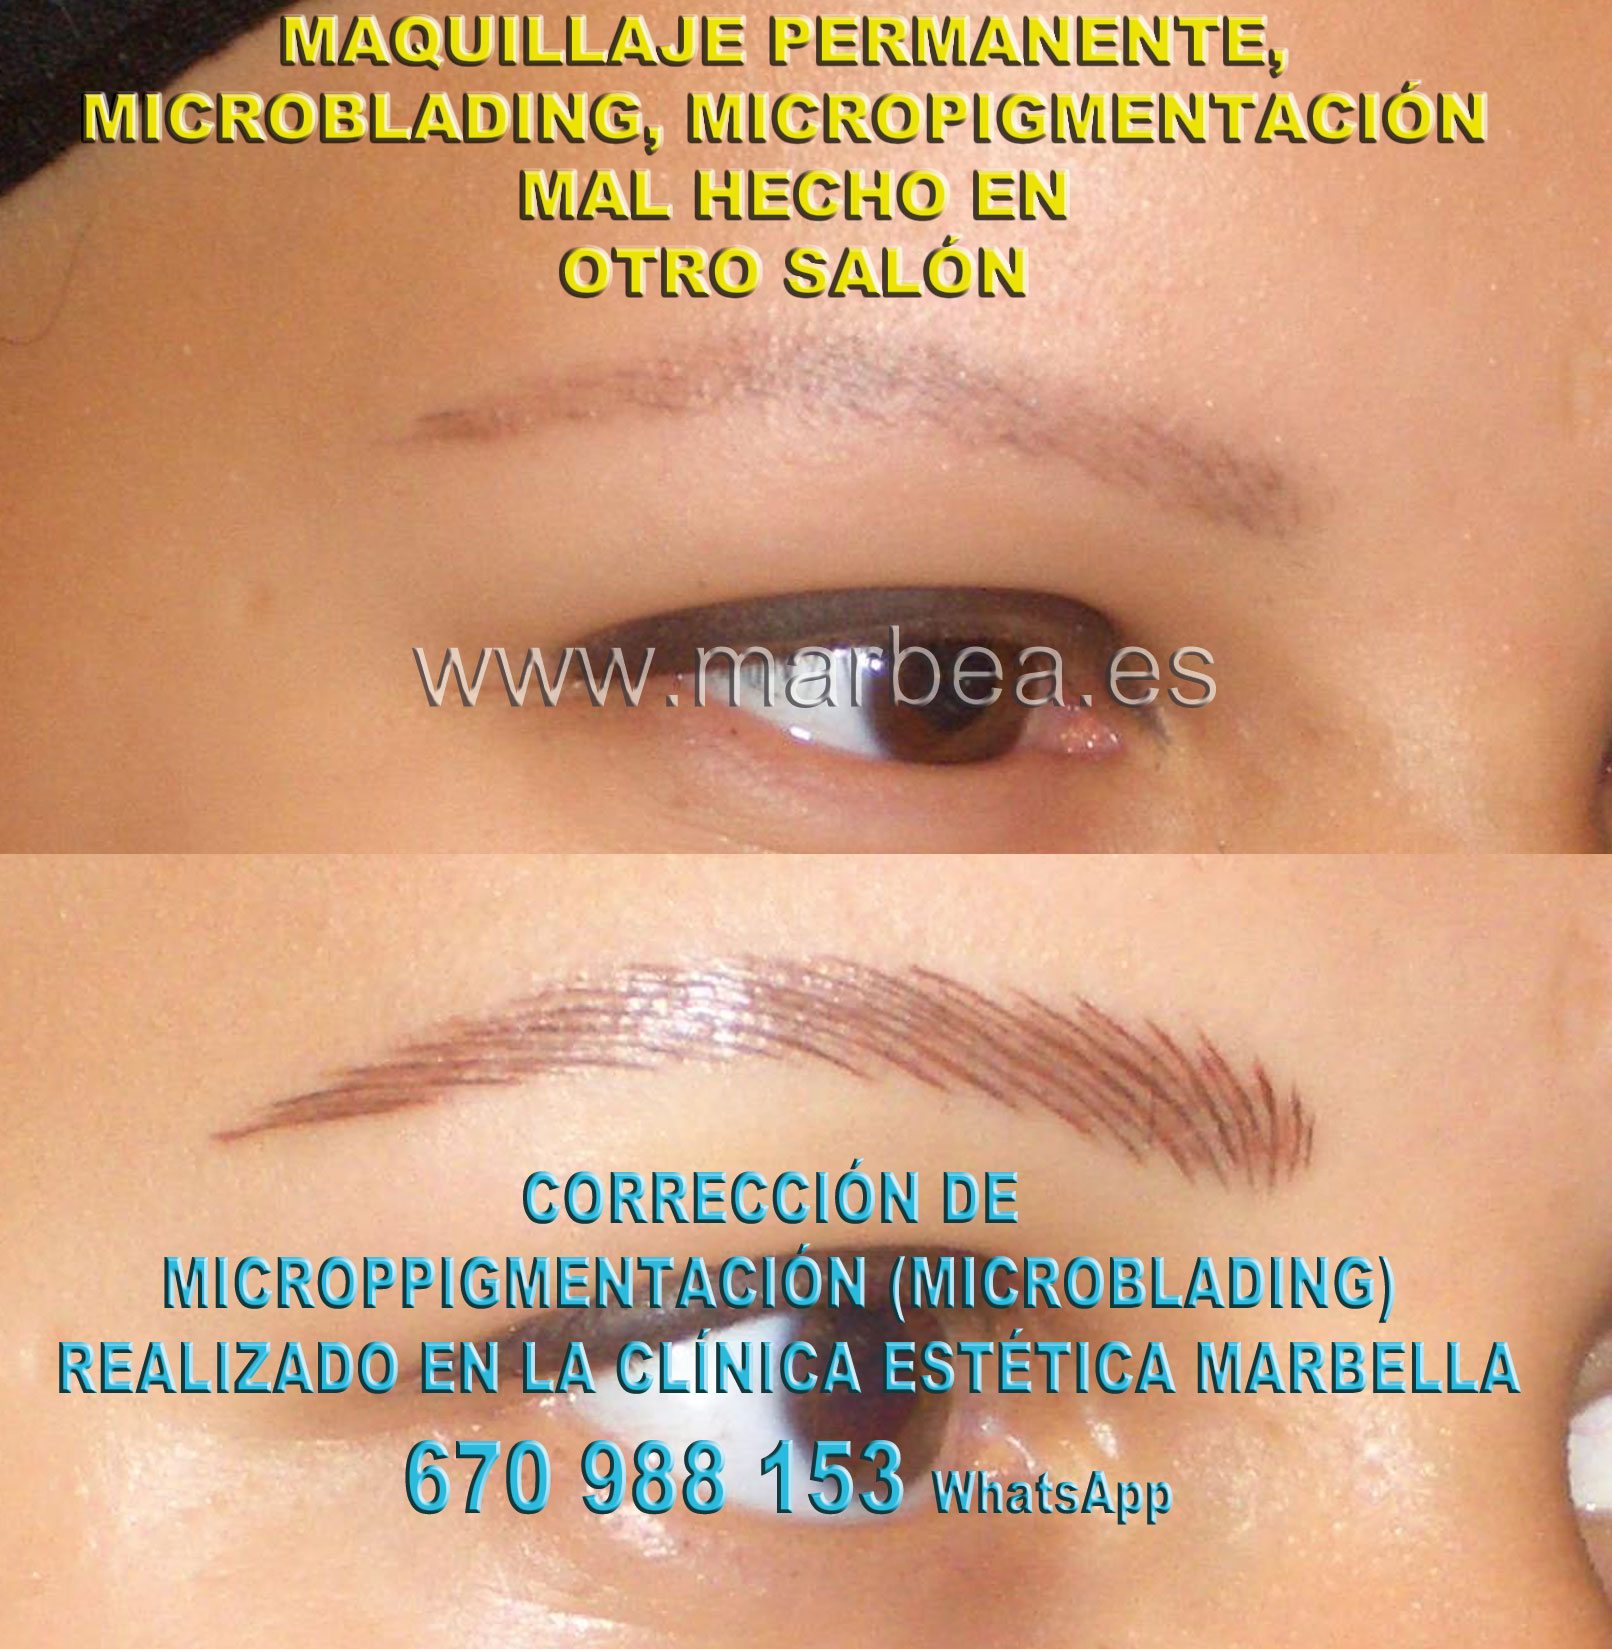 ELIMINAR MICROBLADING CEJAS clínica estética delineados ofrece micropigmentacion correctiva de cejas,reparamos microppigmentacion mal hechos